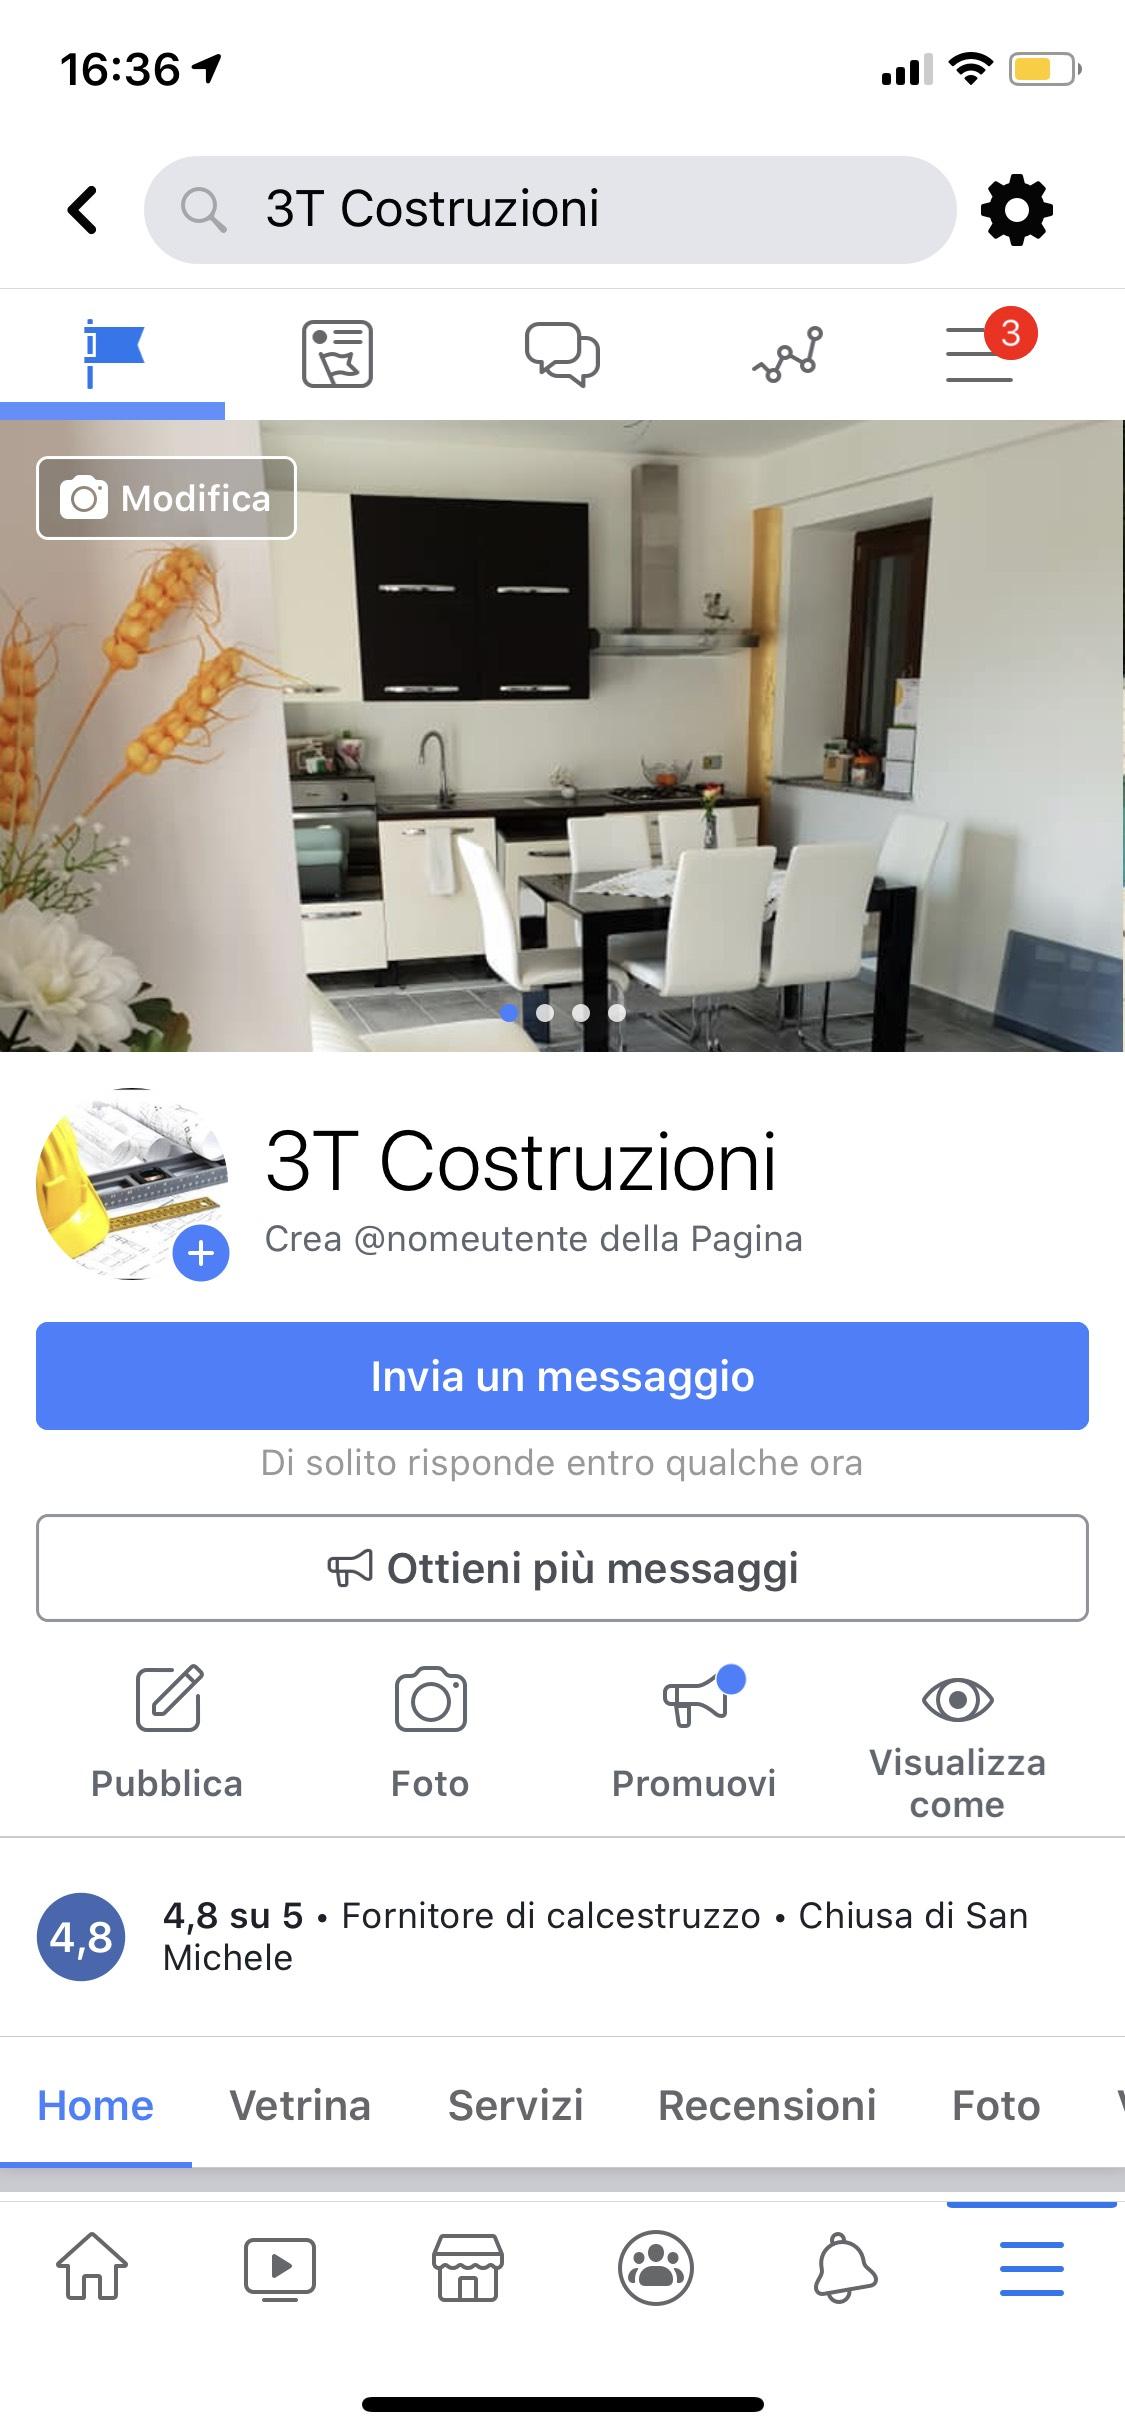 3T Costruzioni